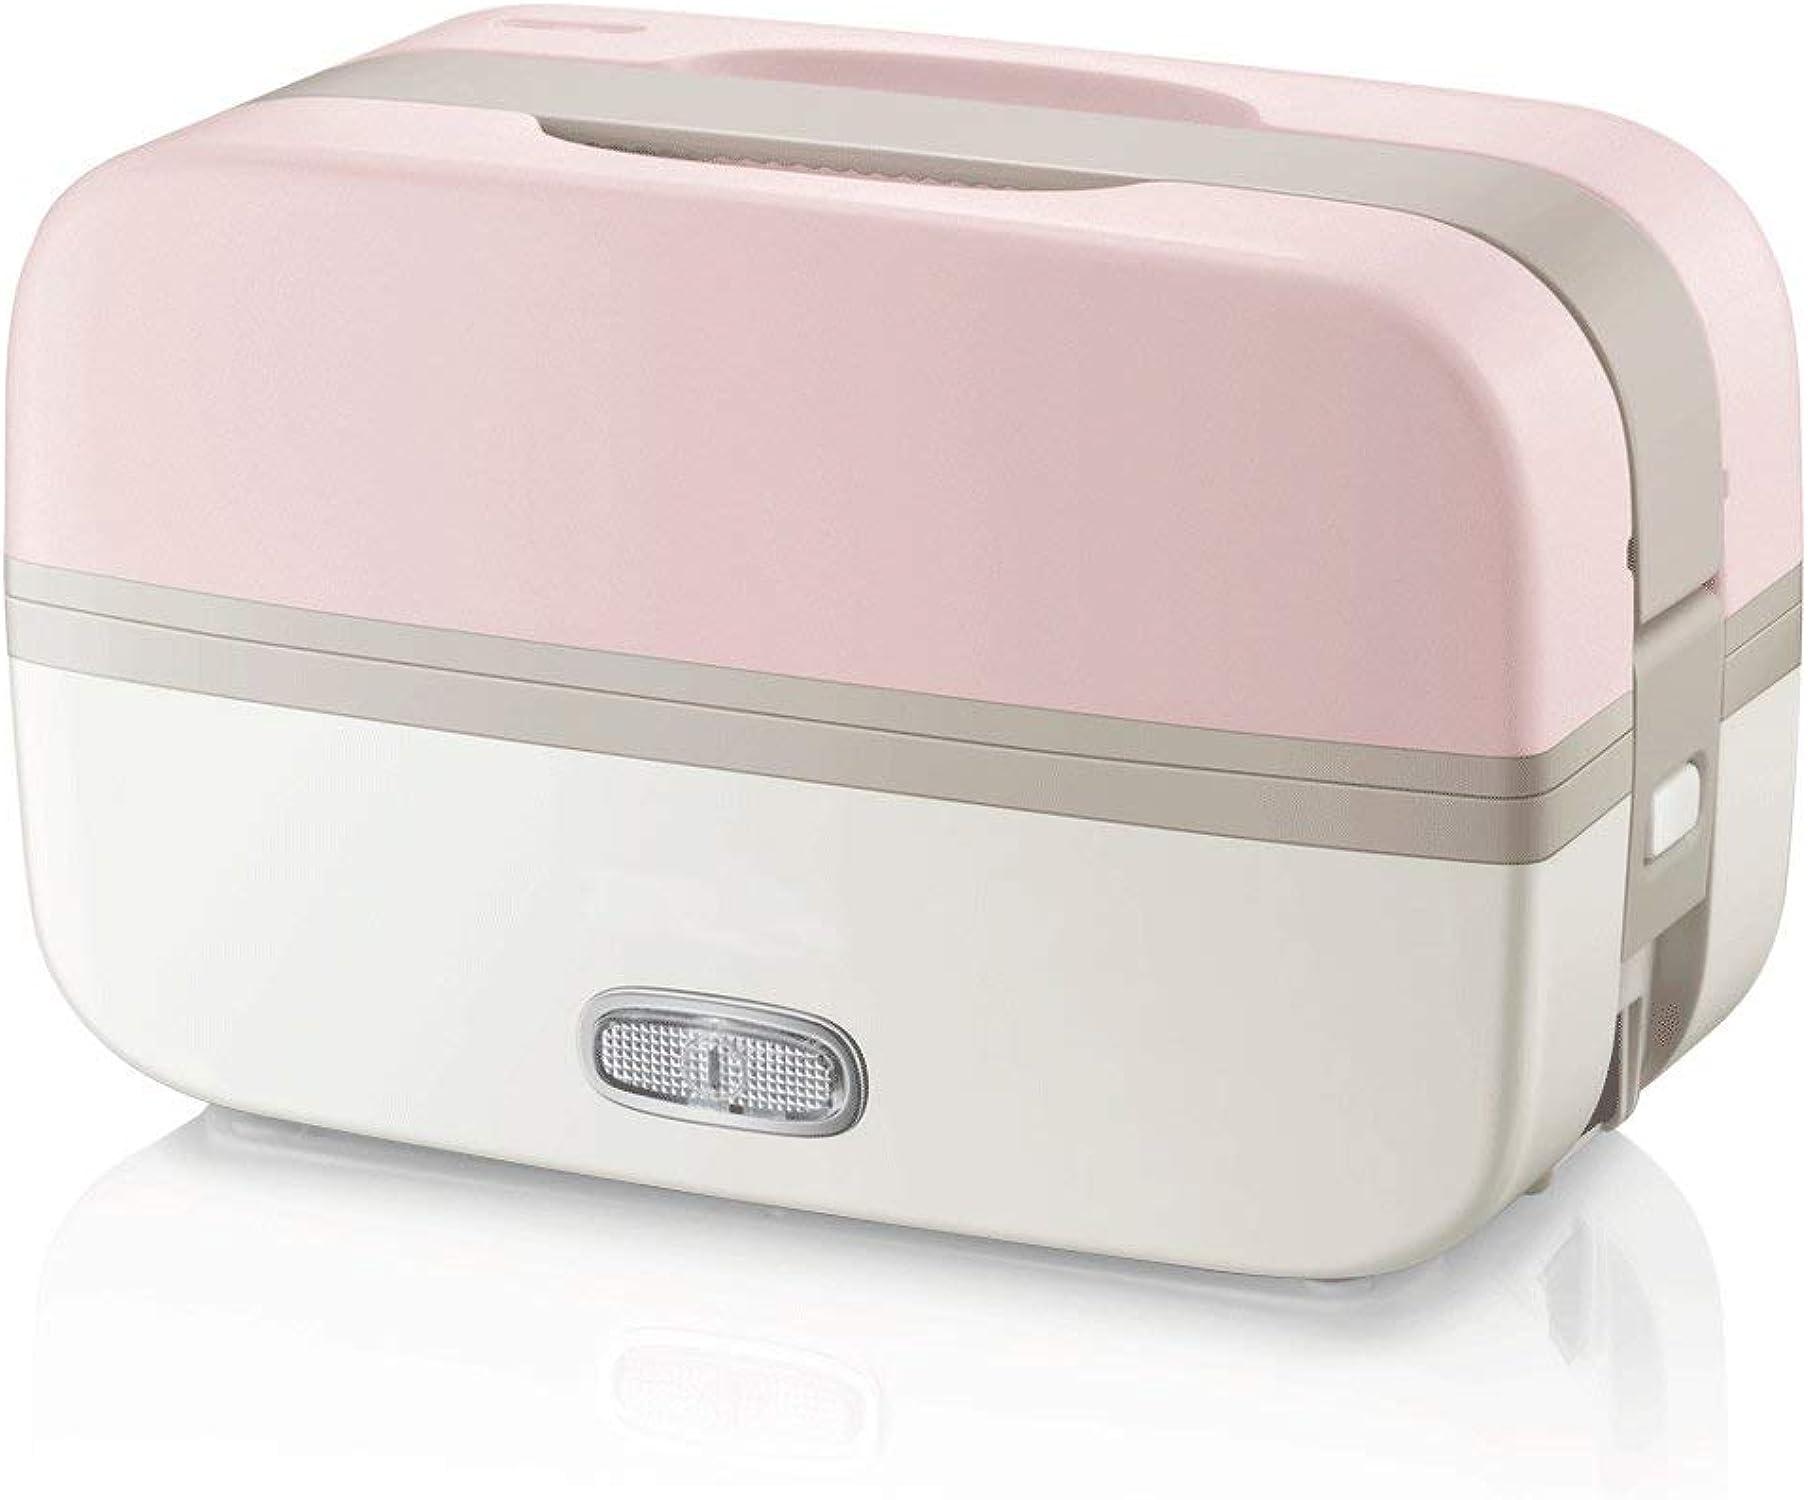 Calentador eléctrico eléctrico eficiente la caja del almuerzo la calefacción la comida portátil con 2 mini olla arrocera desmontable del acero inoxidable para el viaje, oficinista, estudiante, etc